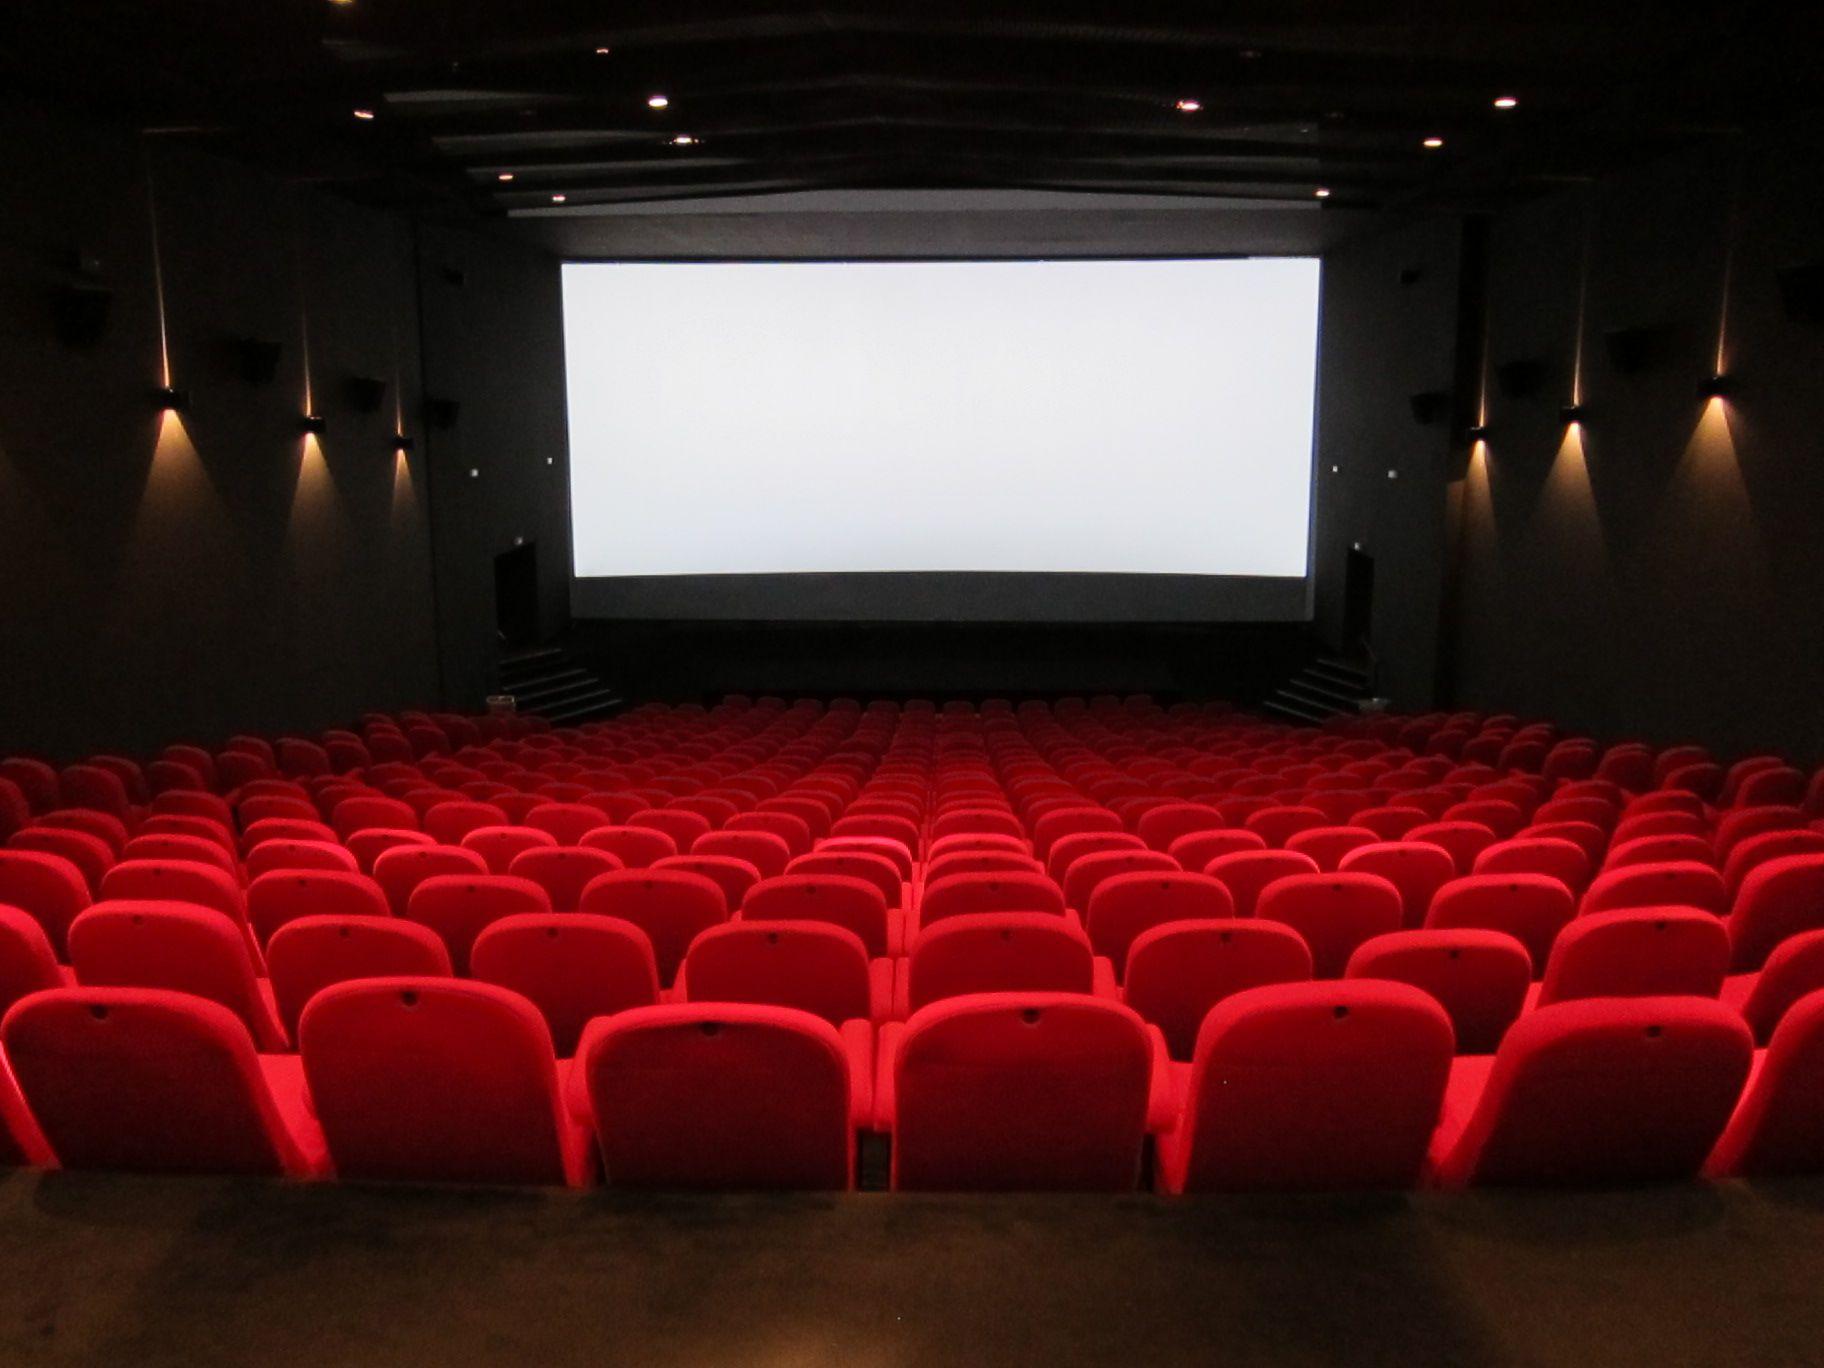 Chine : quand les commentaires des spectateurs s'affichent sur les écrans de cinéma